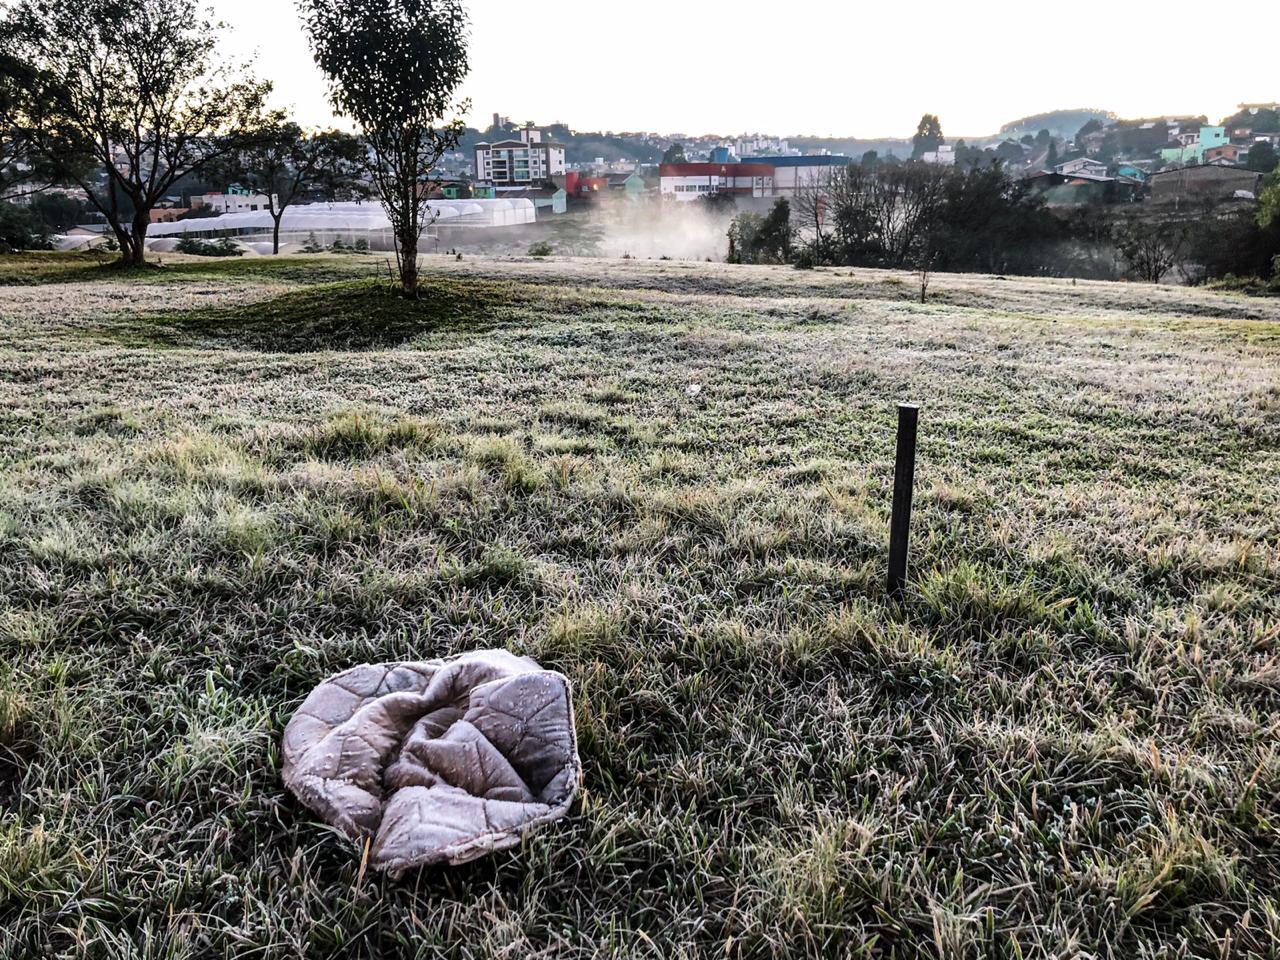 Em Chapecó, durante a madrugada deste sábado os termômetros registraram temperaturas entre entre 5ºC e 2ºC - Willian Ricardo/ND